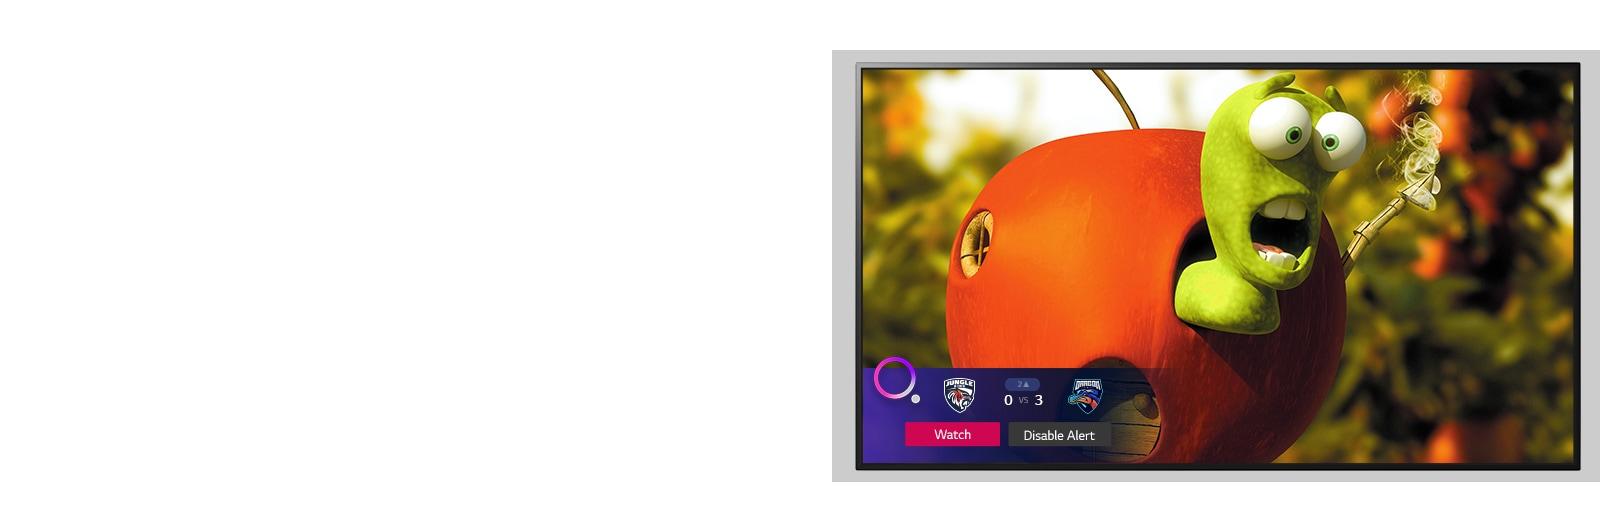 LG 55UN7190PTA Sports Alert